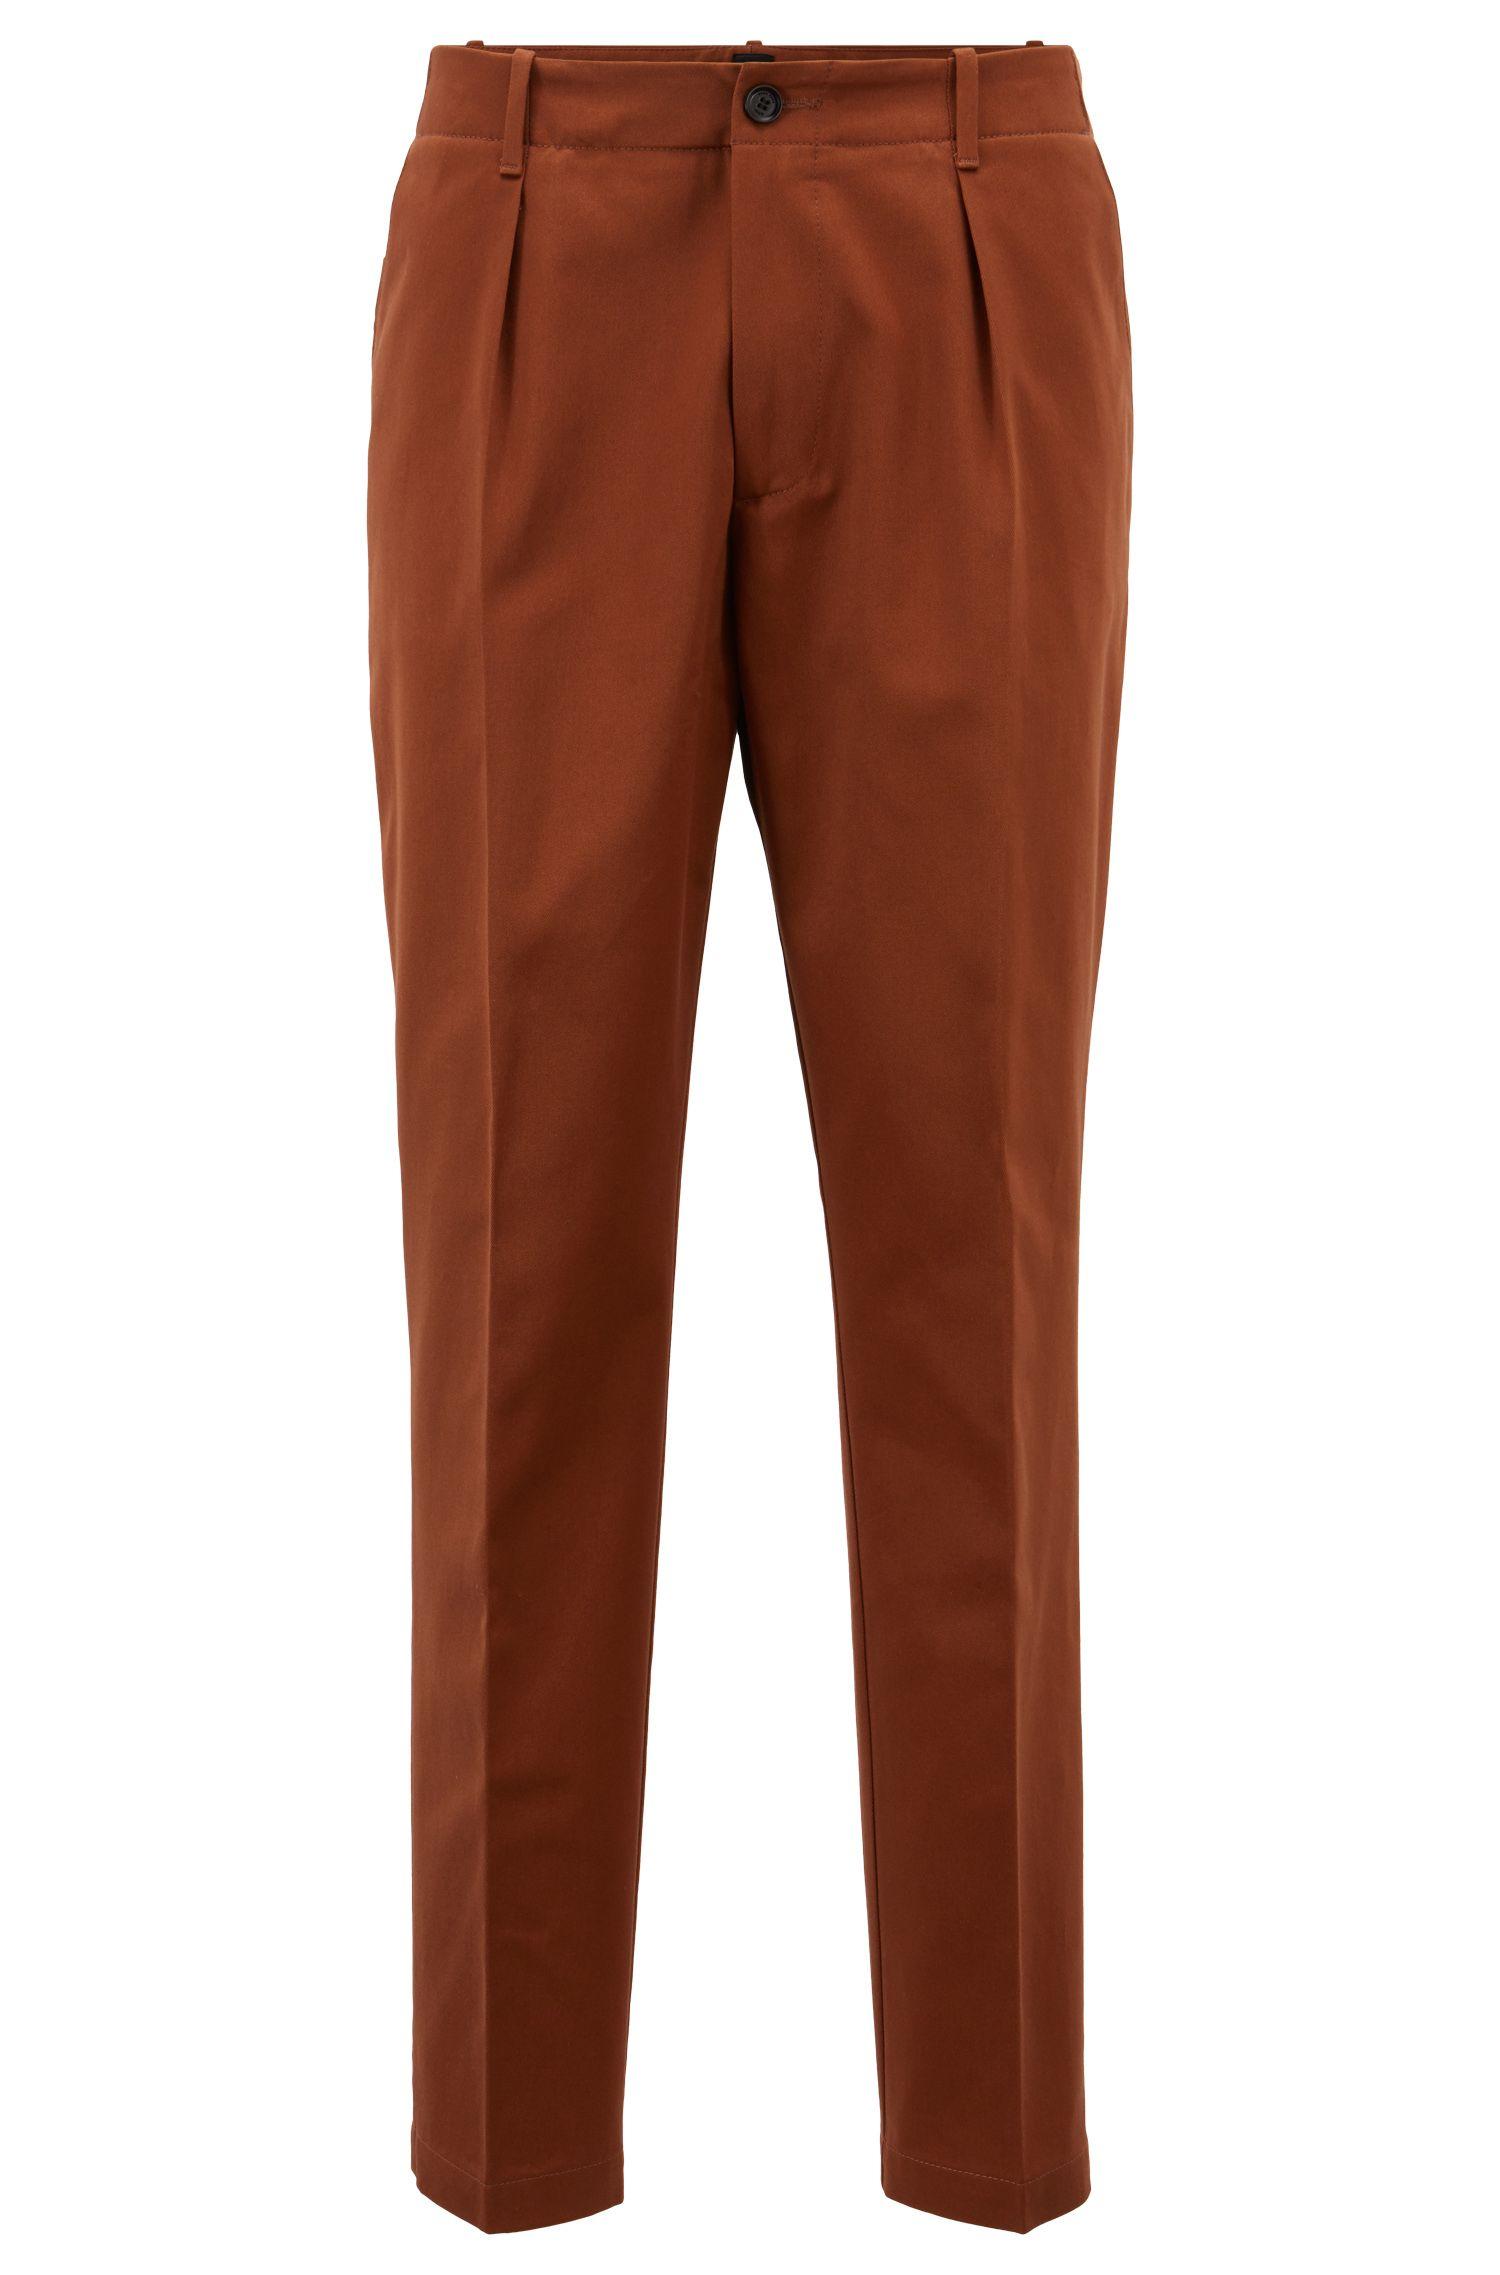 Hugo Boss - Pantalones relaxed fit en tejido de gabardina de algodón con bolsillos cosidos - 1